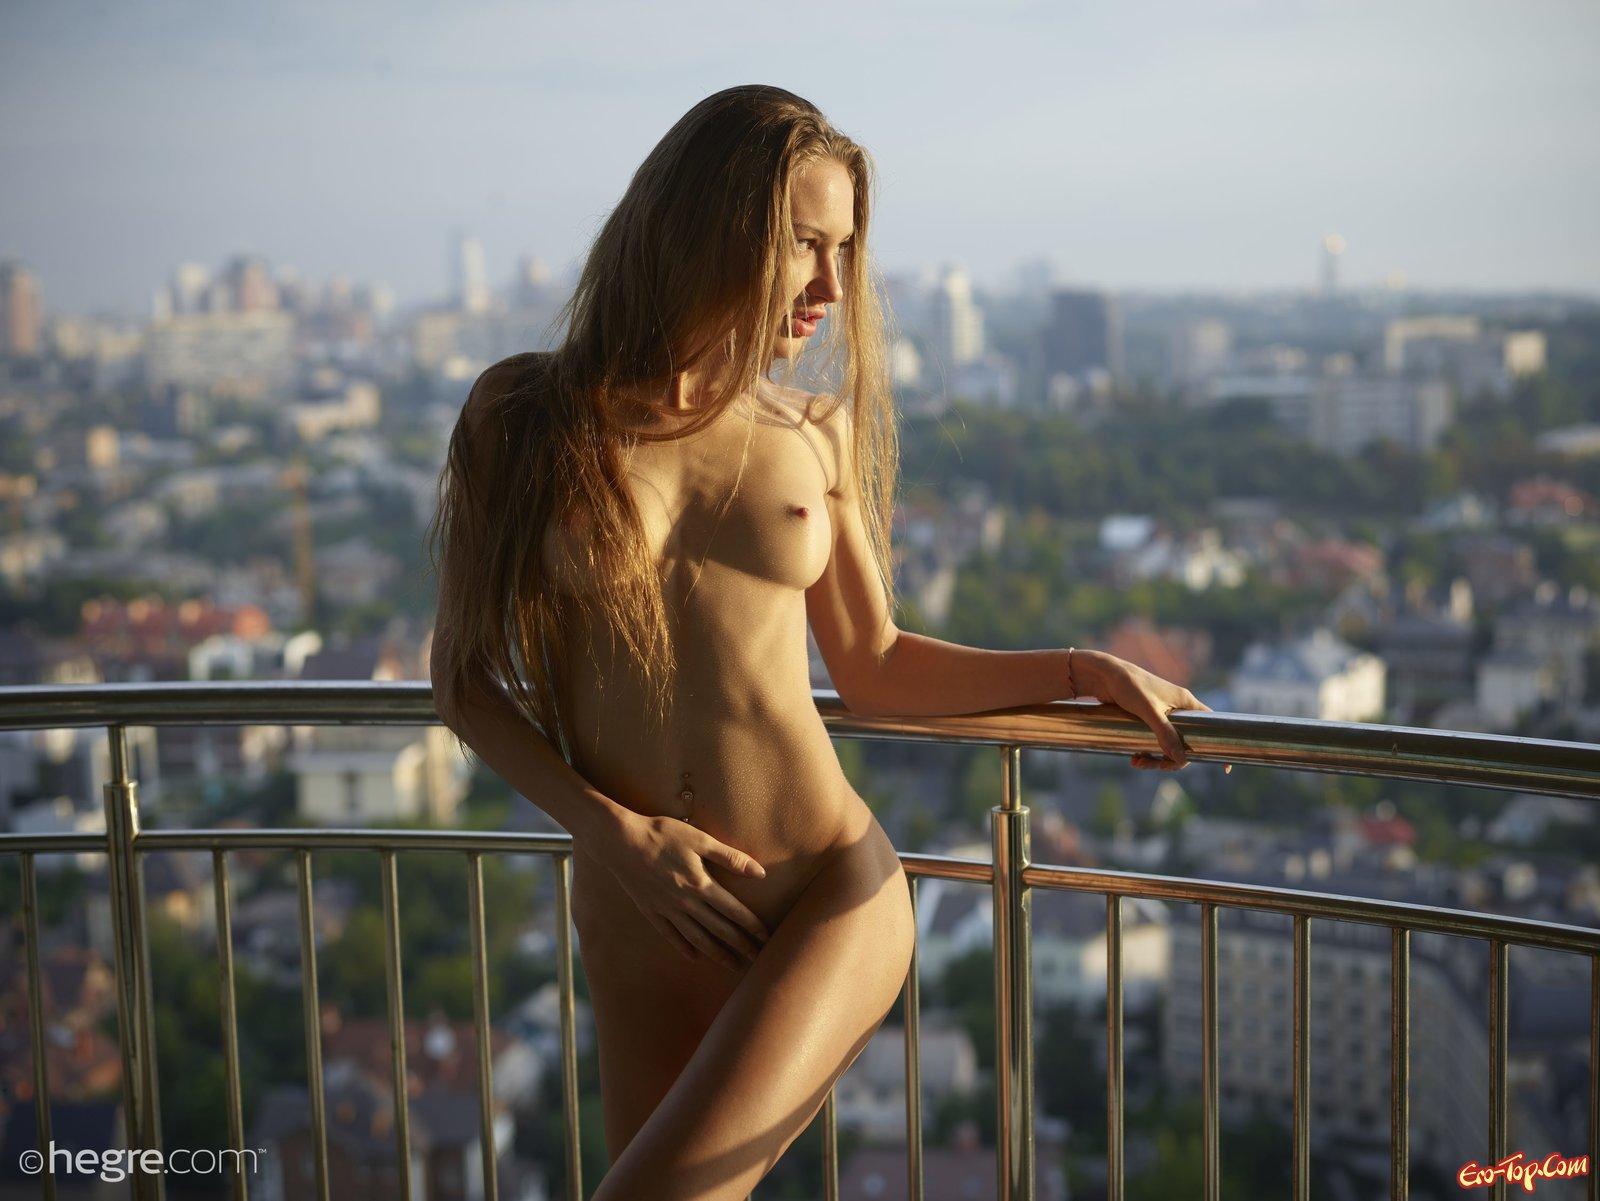 Голая красавица с красивыми ножками фотографируется на балконе